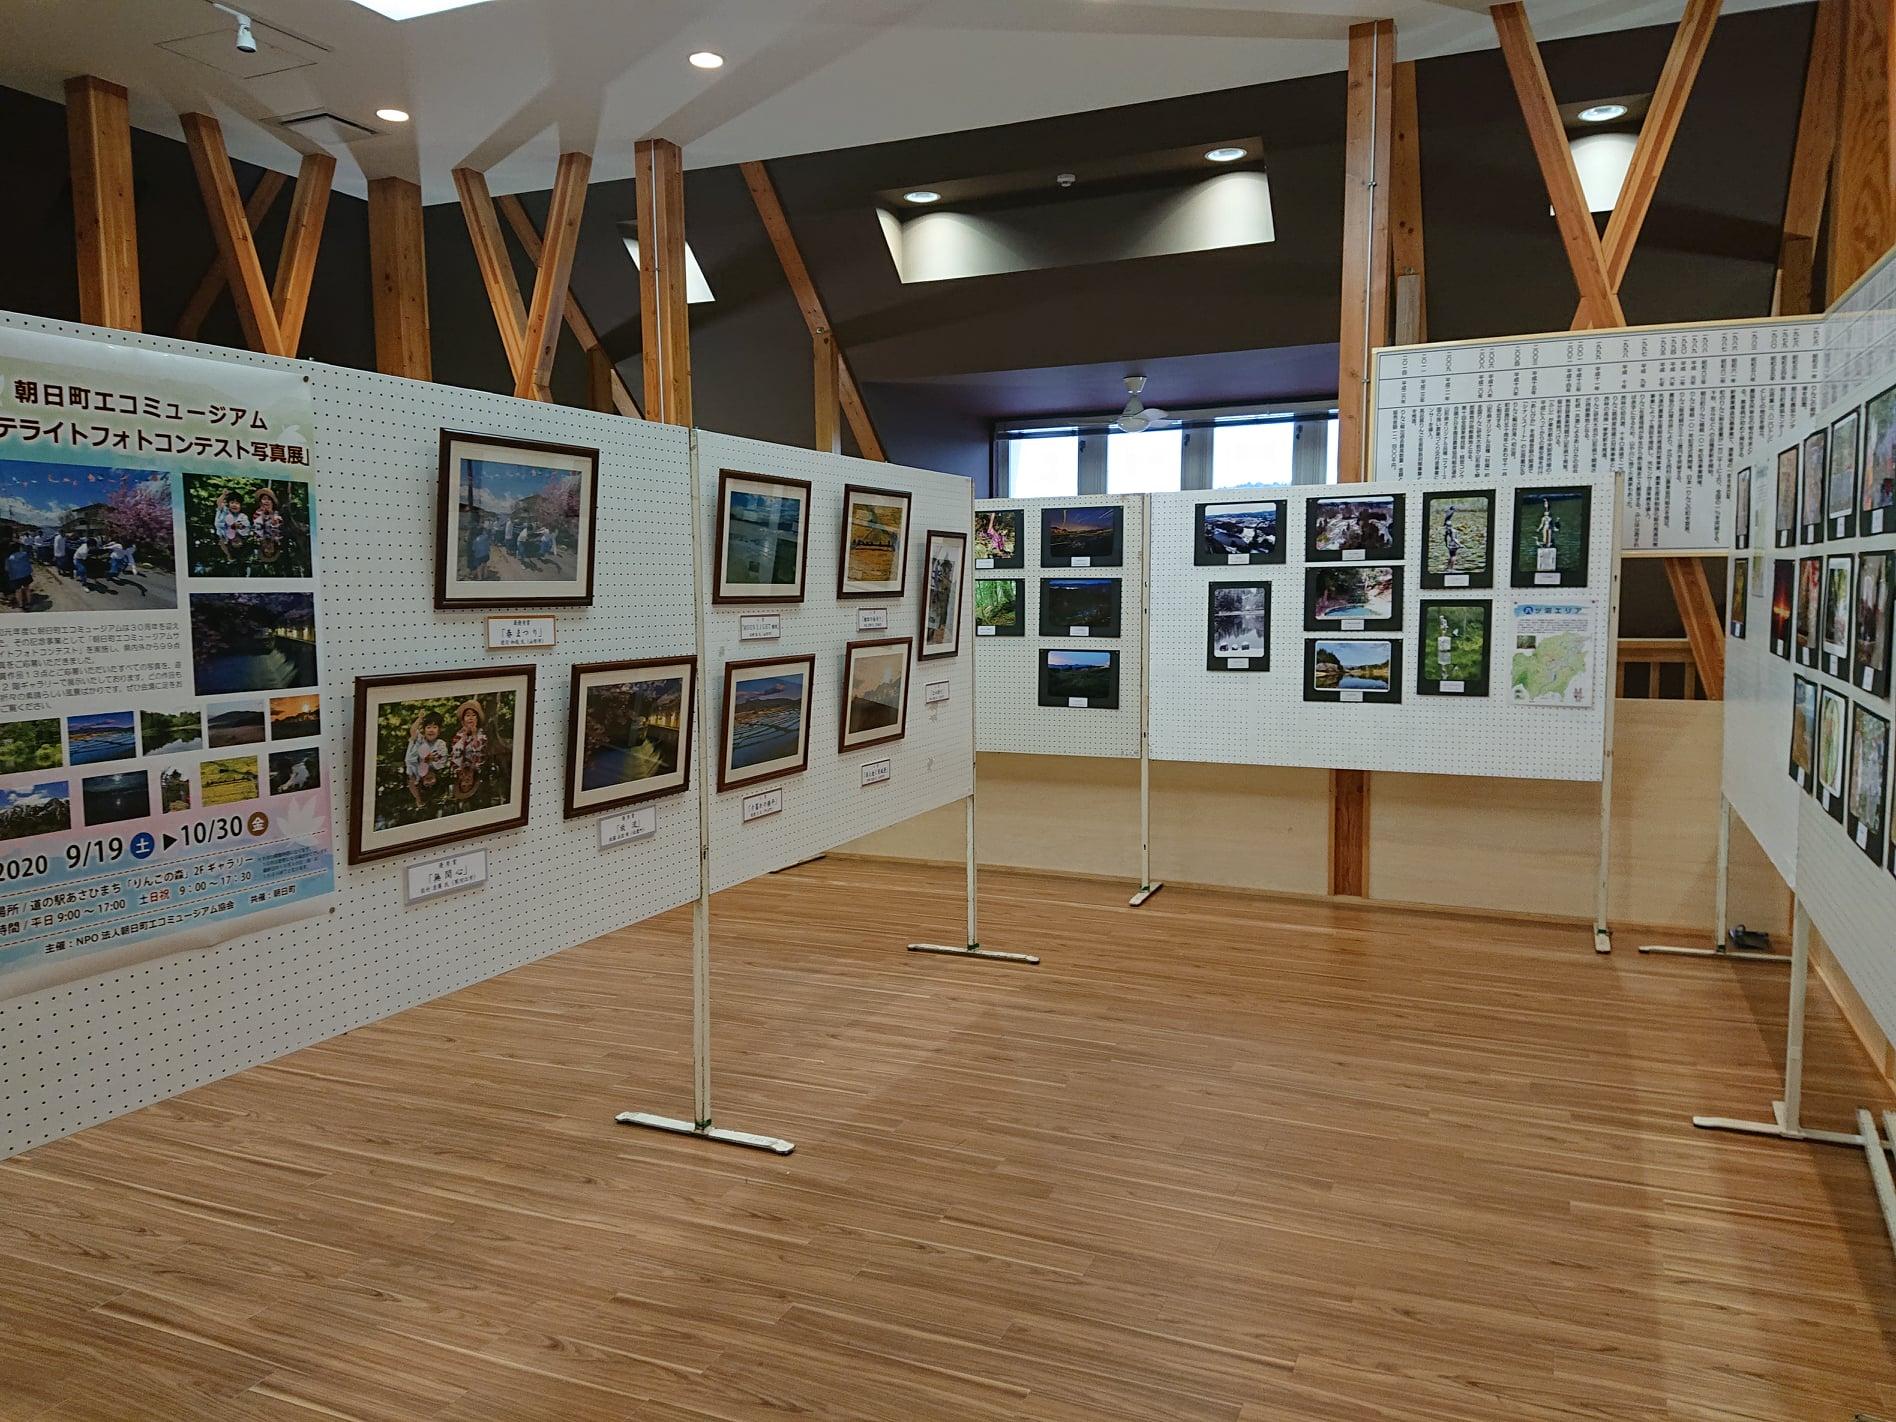 【朝日町】エコミュージアム サテライトフォトコンテスト 写真展開催:画像